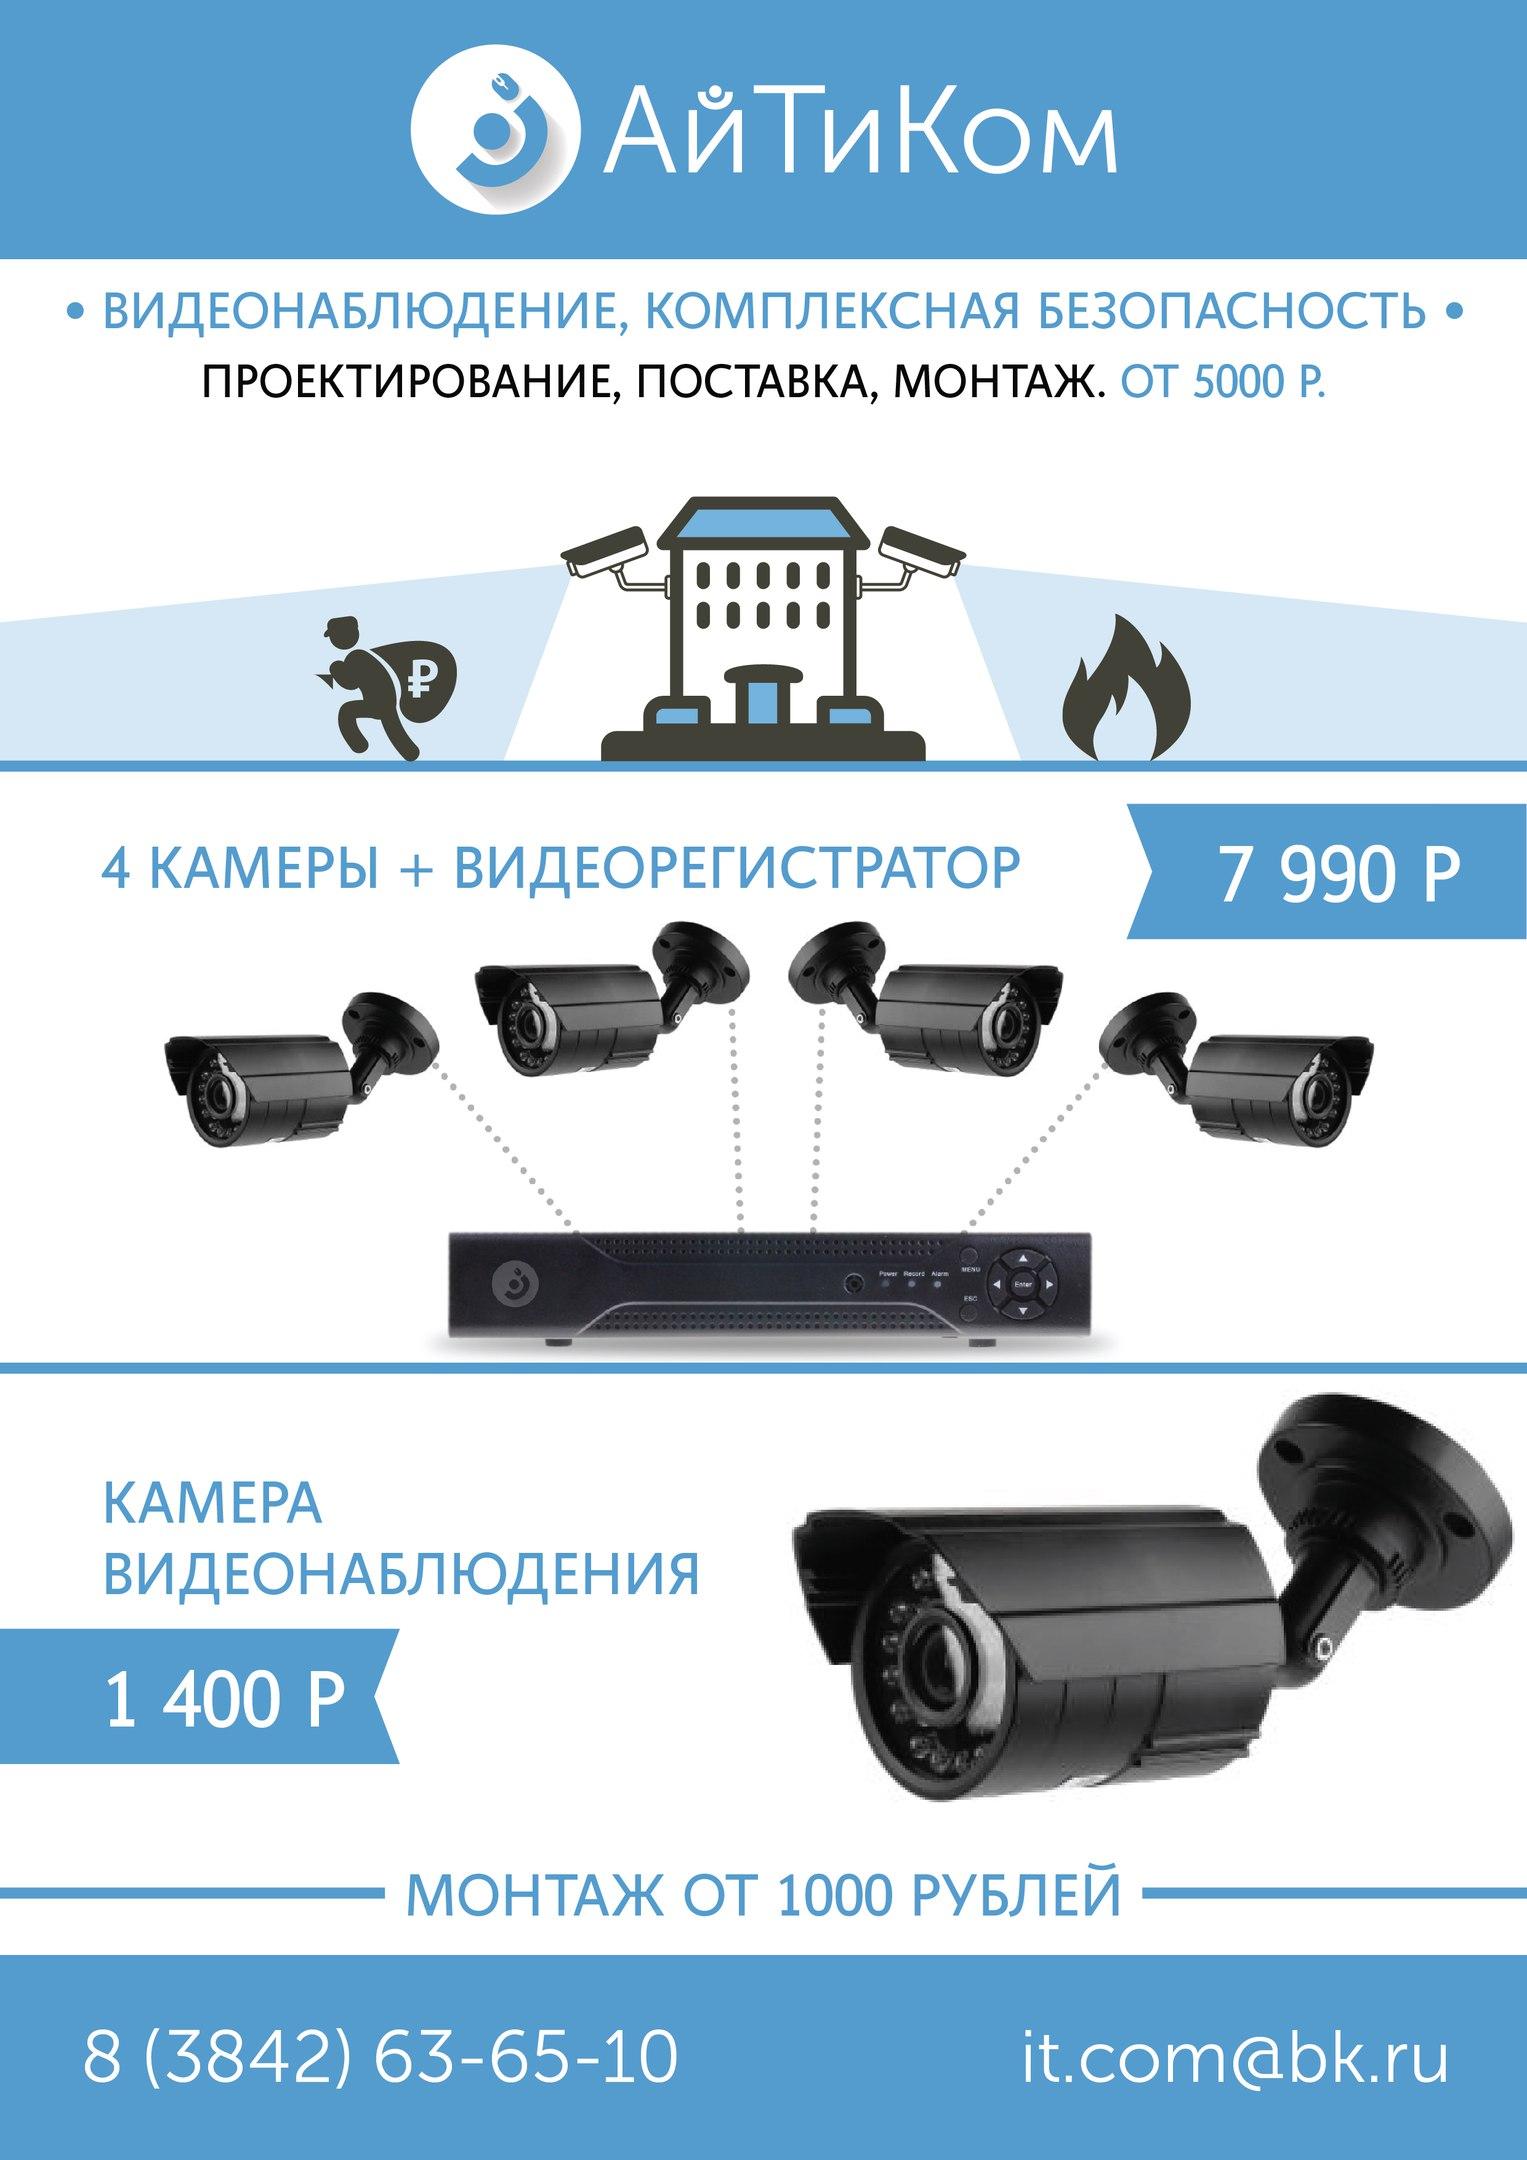 Установка камер видеонаблюдения своими руками